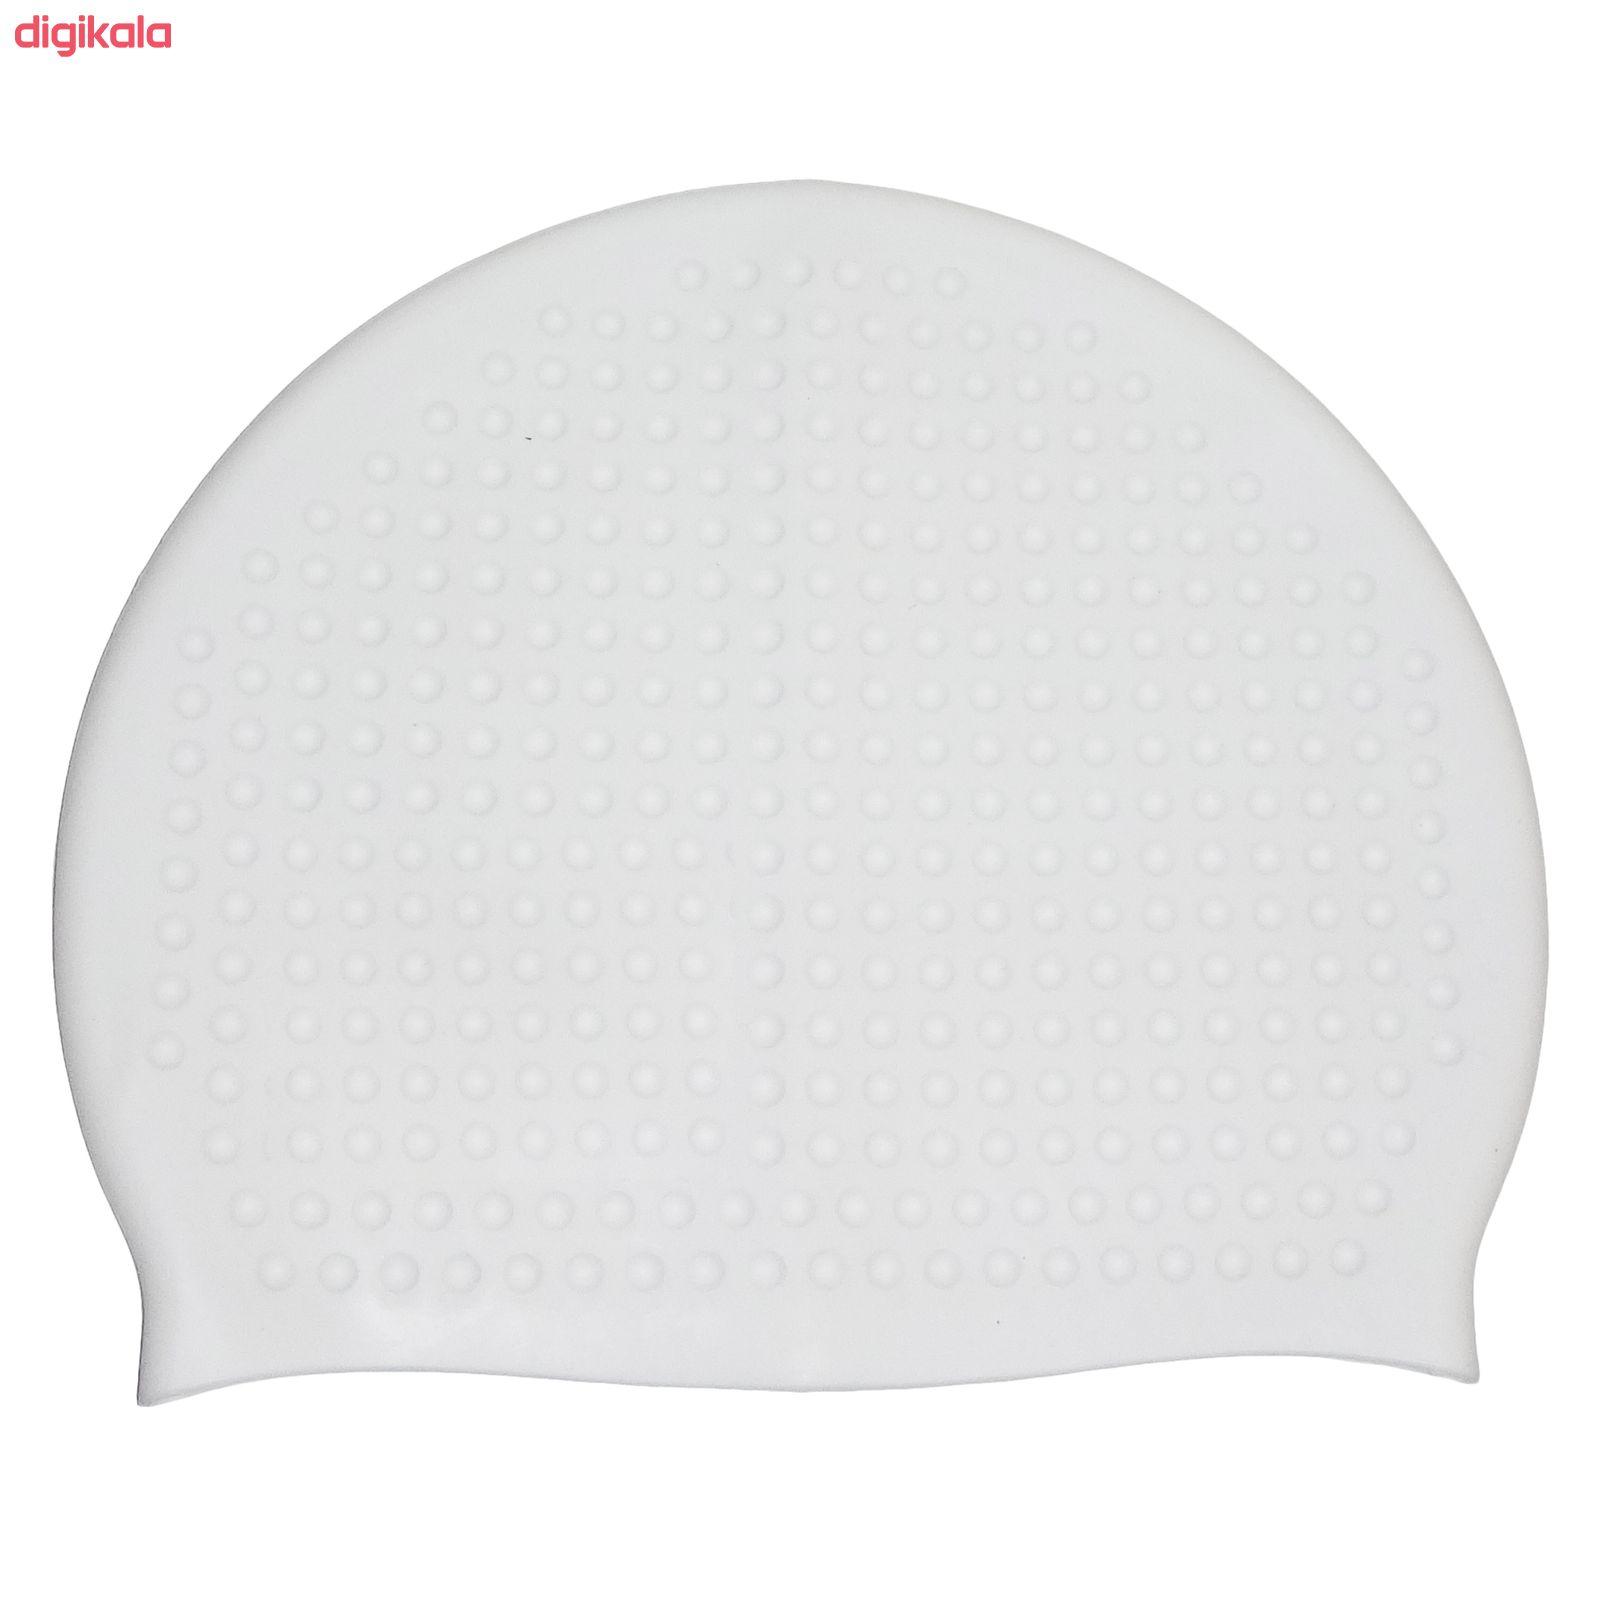 کلاه شنا مدل Speedbubble-1595 main 1 2